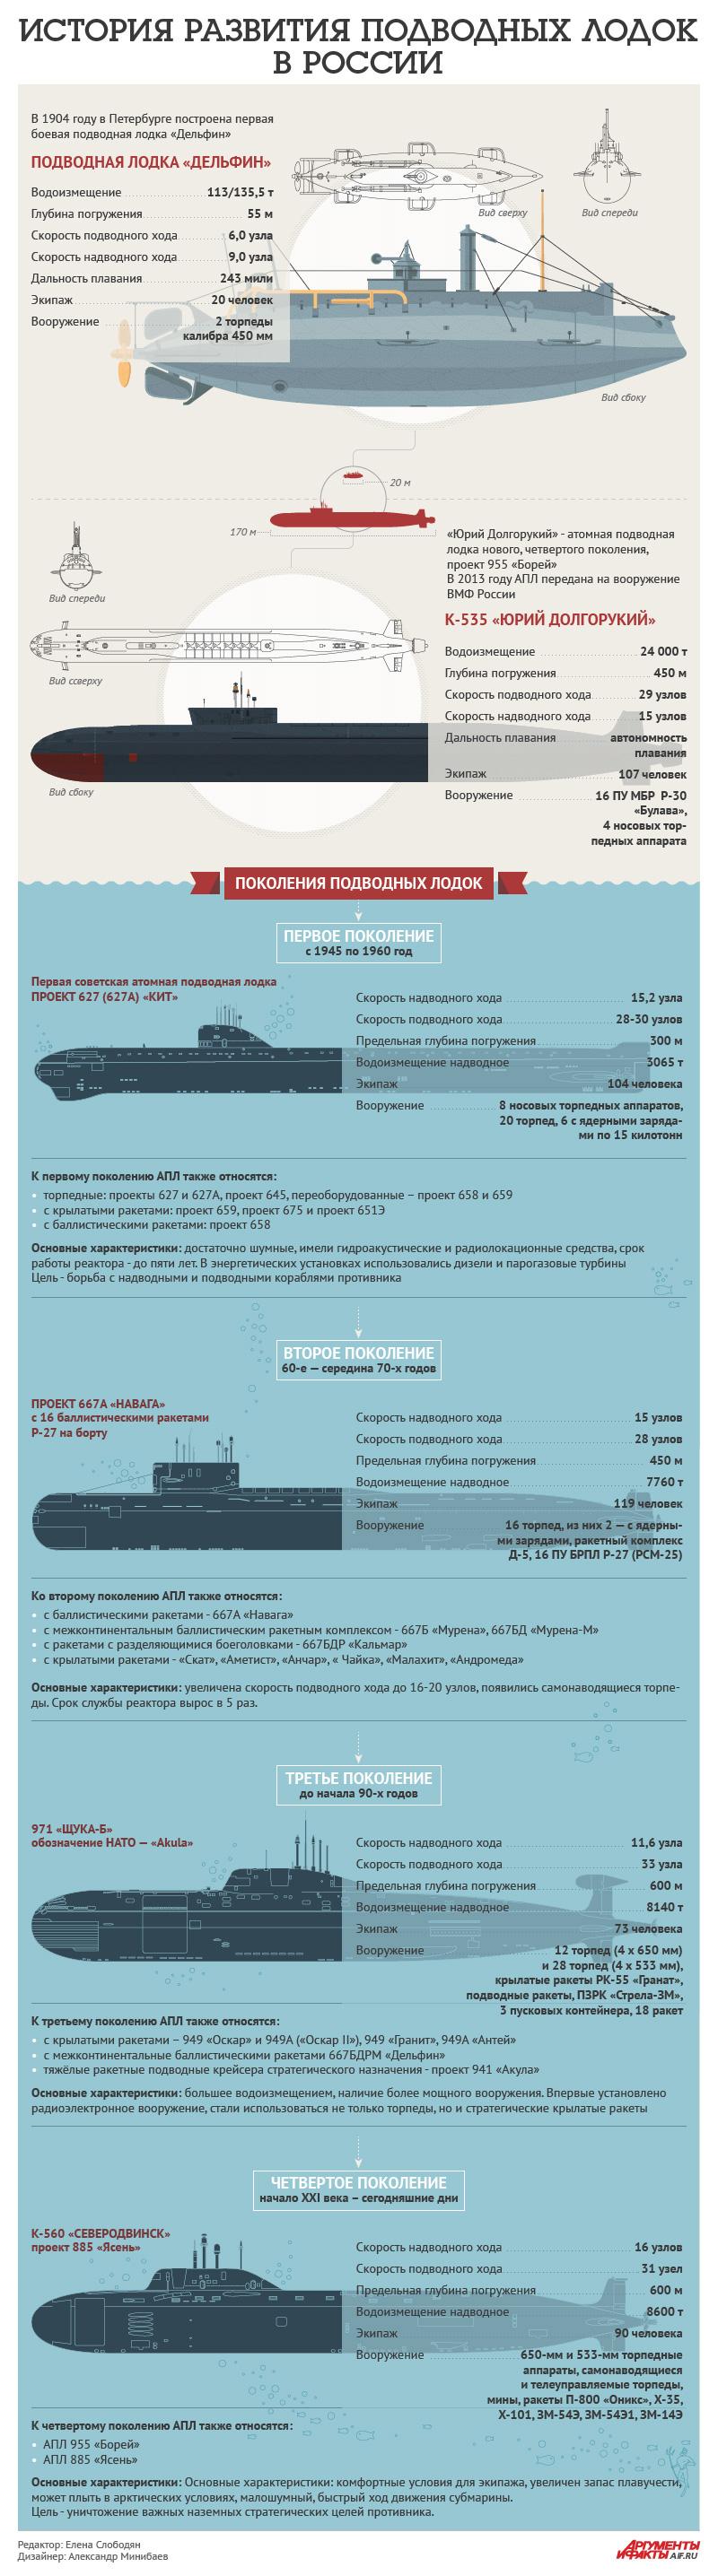 российские атомные подводные лодки